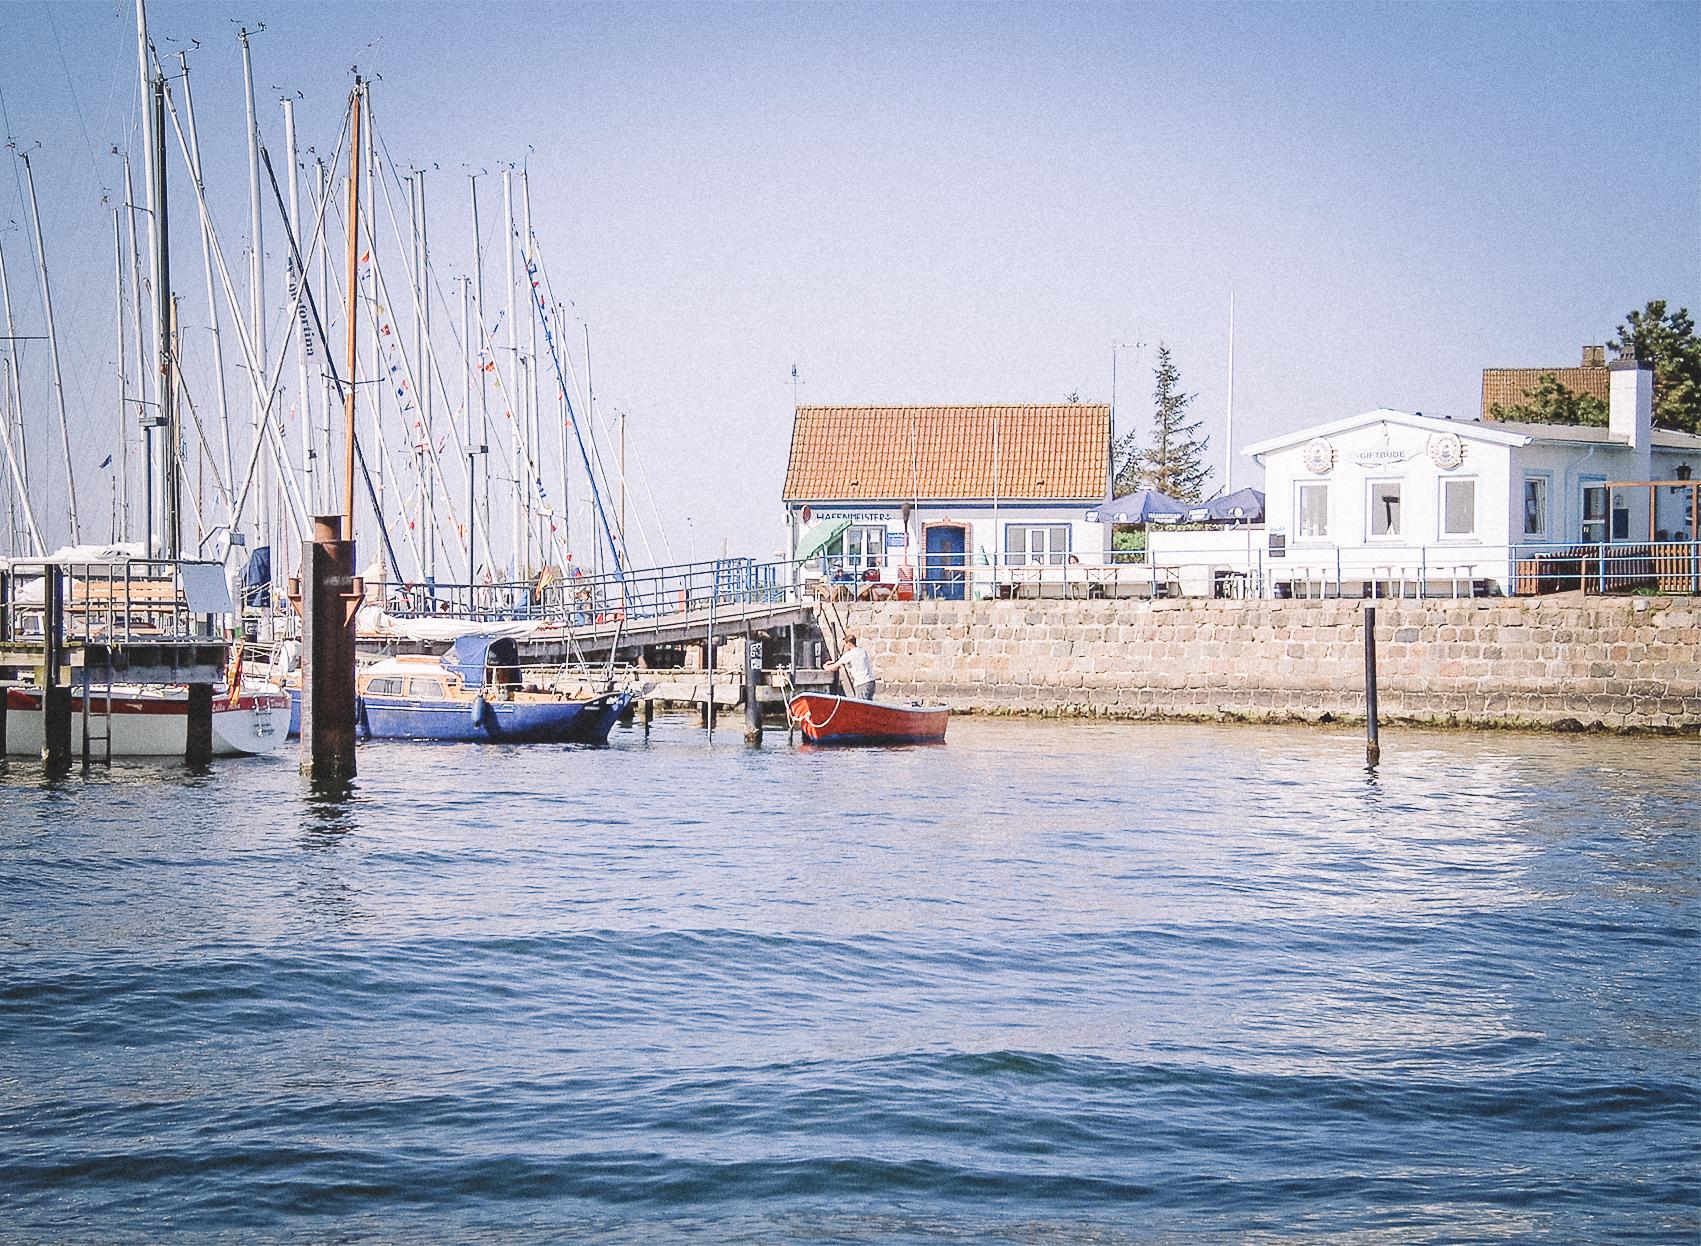 Der-Schleimuender-Hafen-beim-Segeltoern-auf-der-Schlei